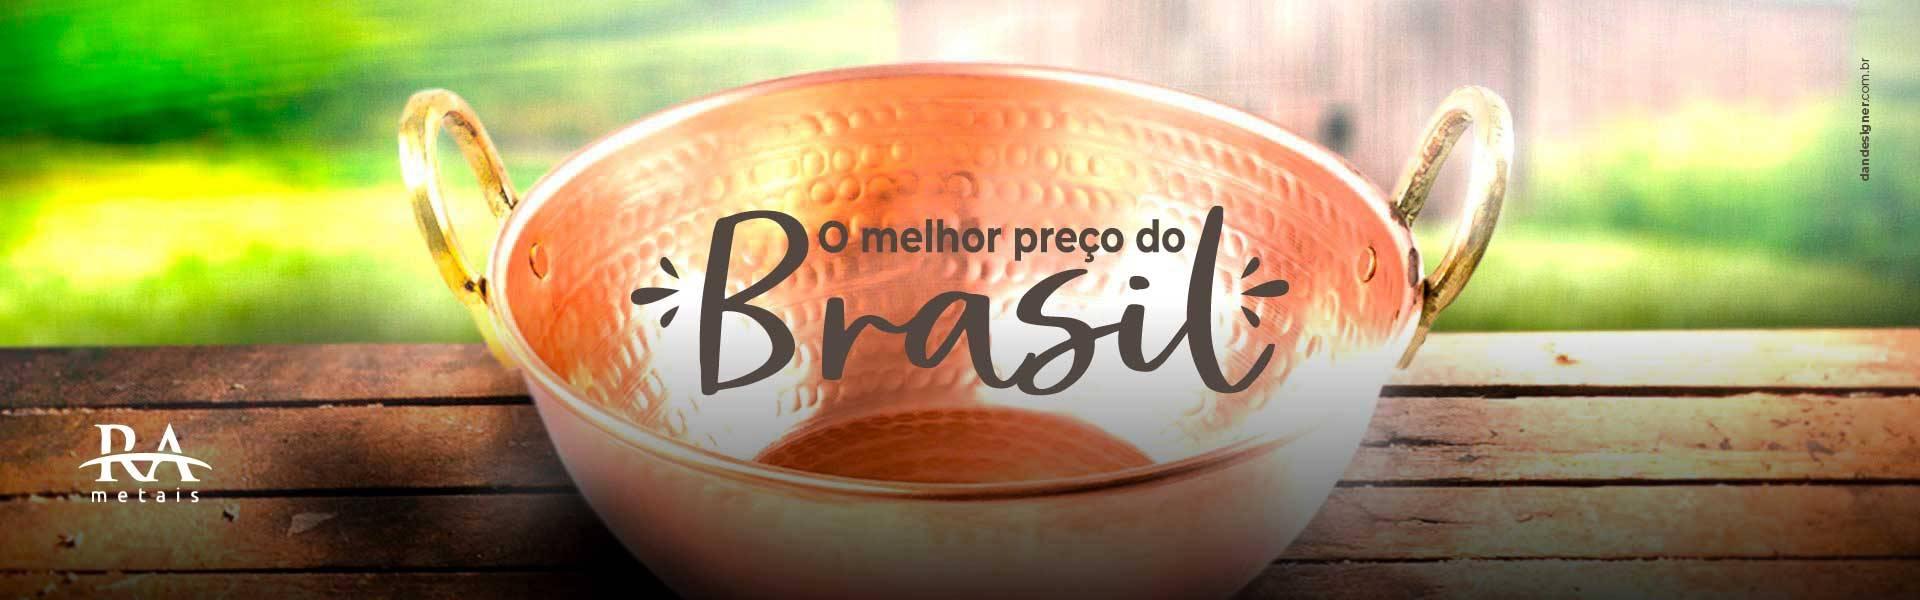 O melhor preço do Brasil